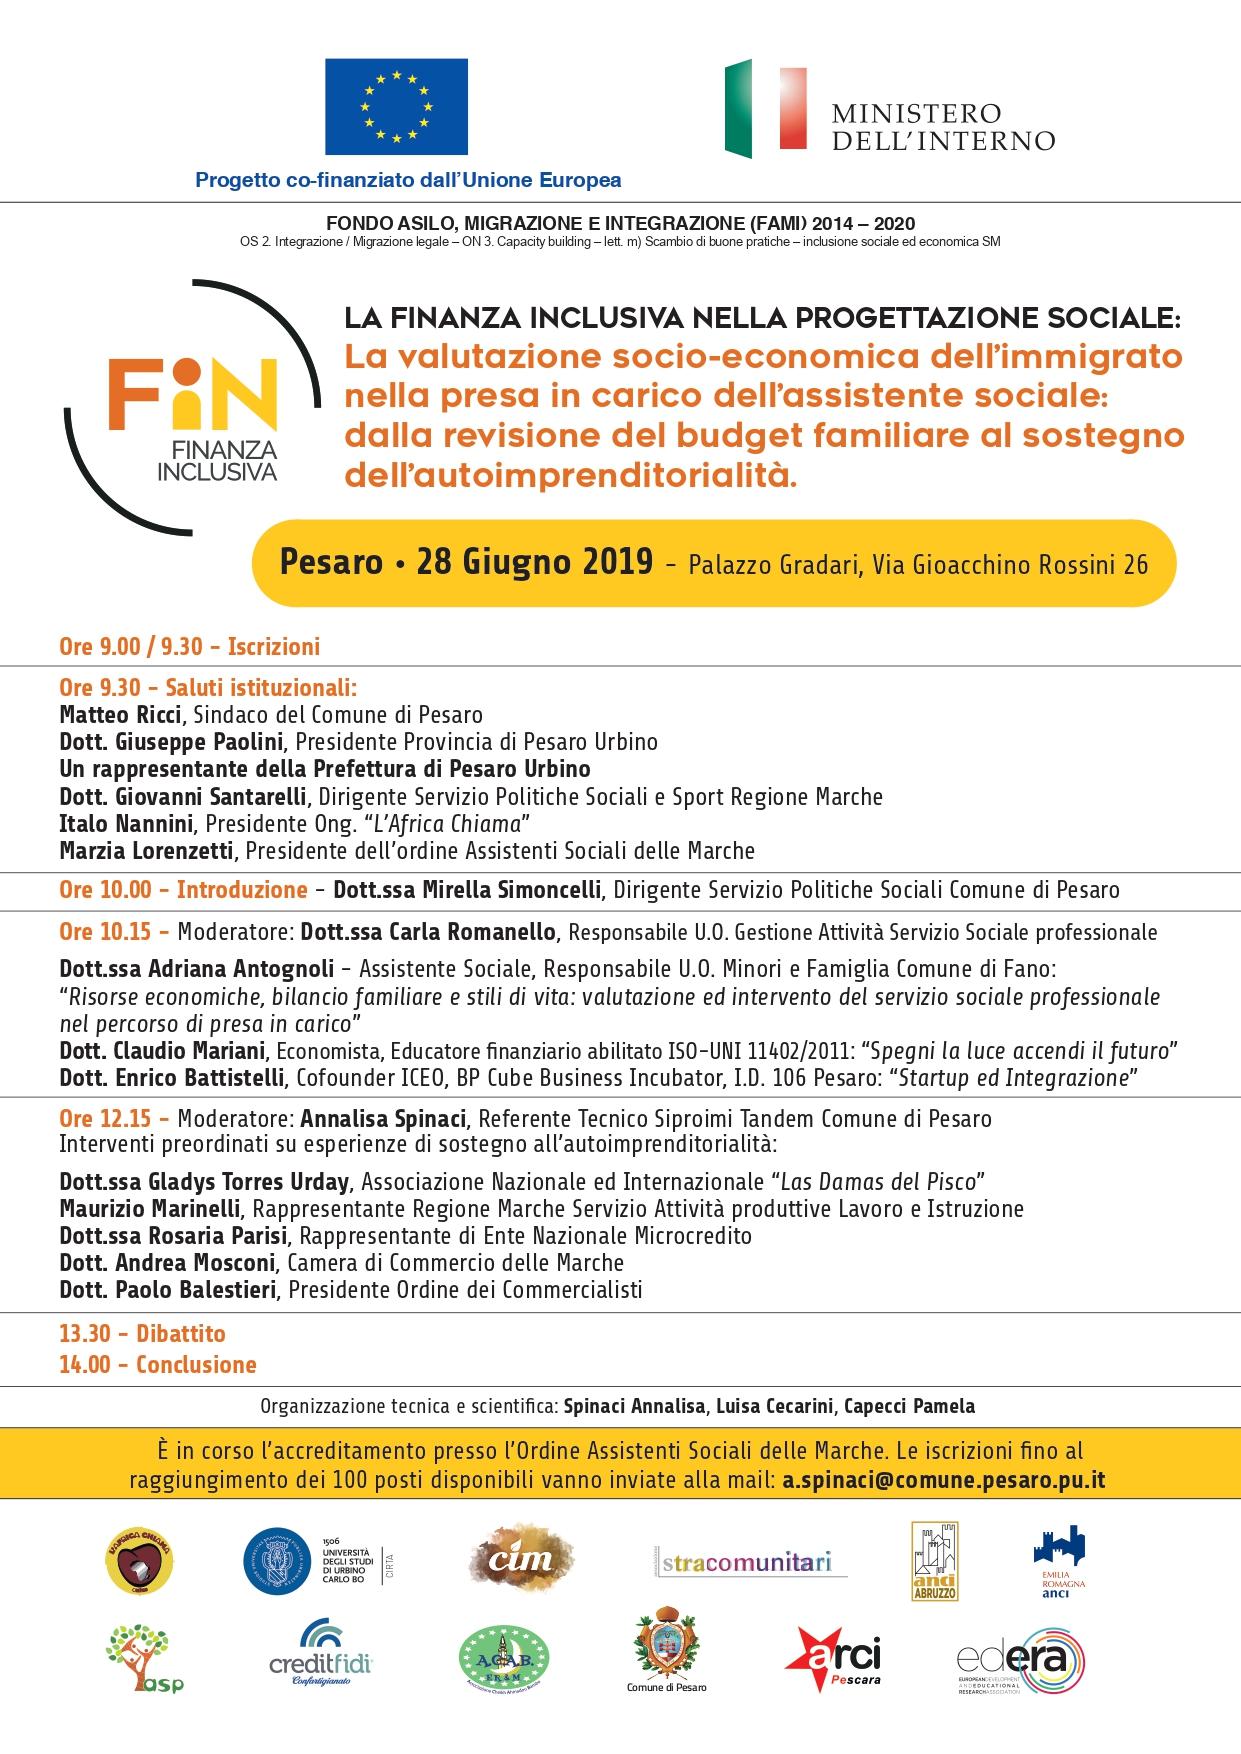 La finanza inclusiva nella progettazione sociale